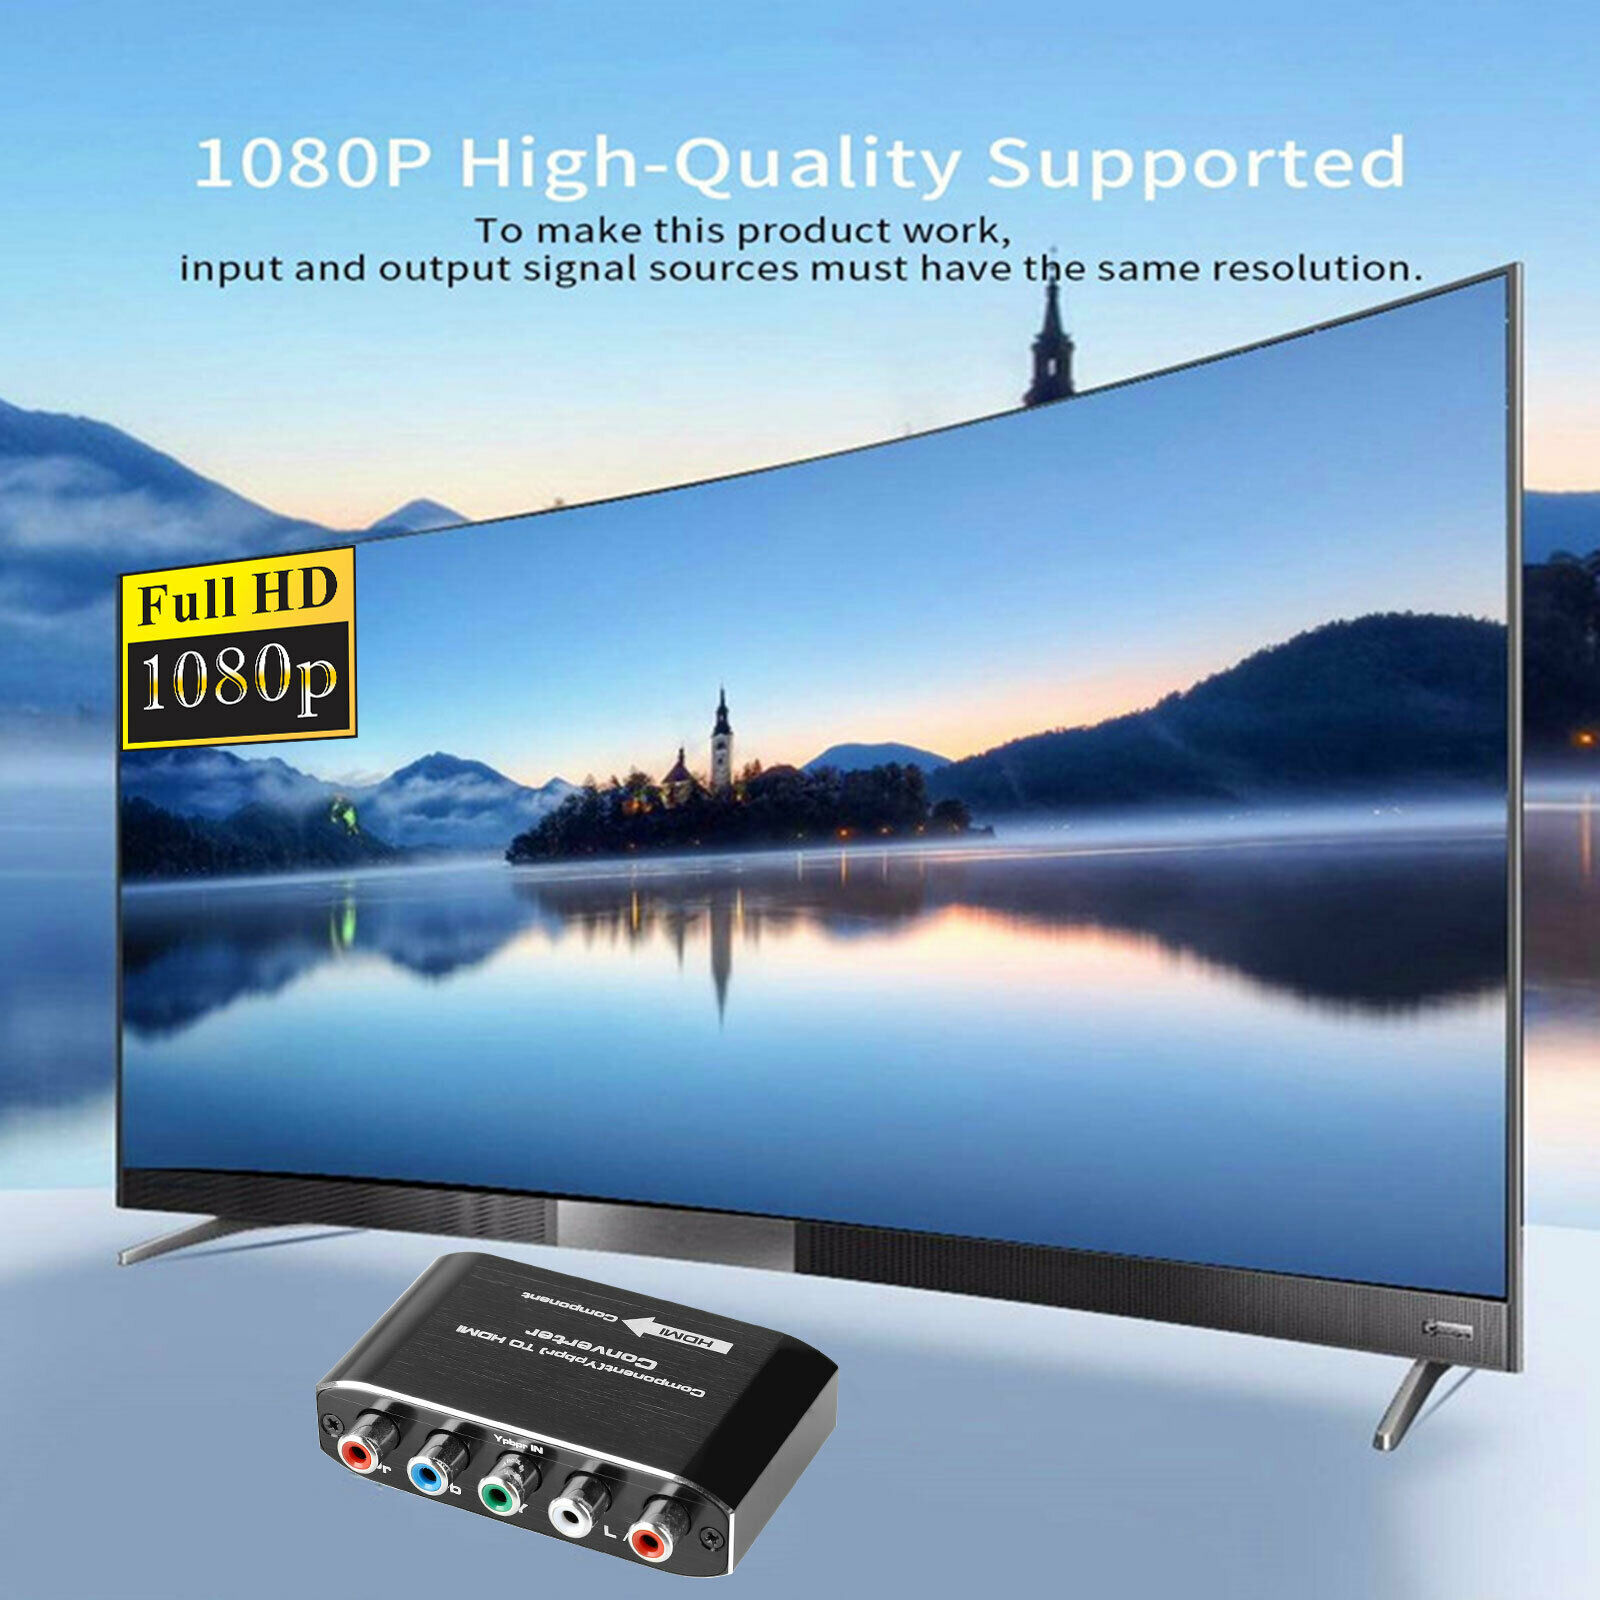 Конвертер HDMI для DVD, PS Компонентный видео и L/R, RCA, стерео аудио к HDMI, переходник, 1080P Аудио и видео конвертер|Беспроводные адаптеры|   | АлиЭкспресс